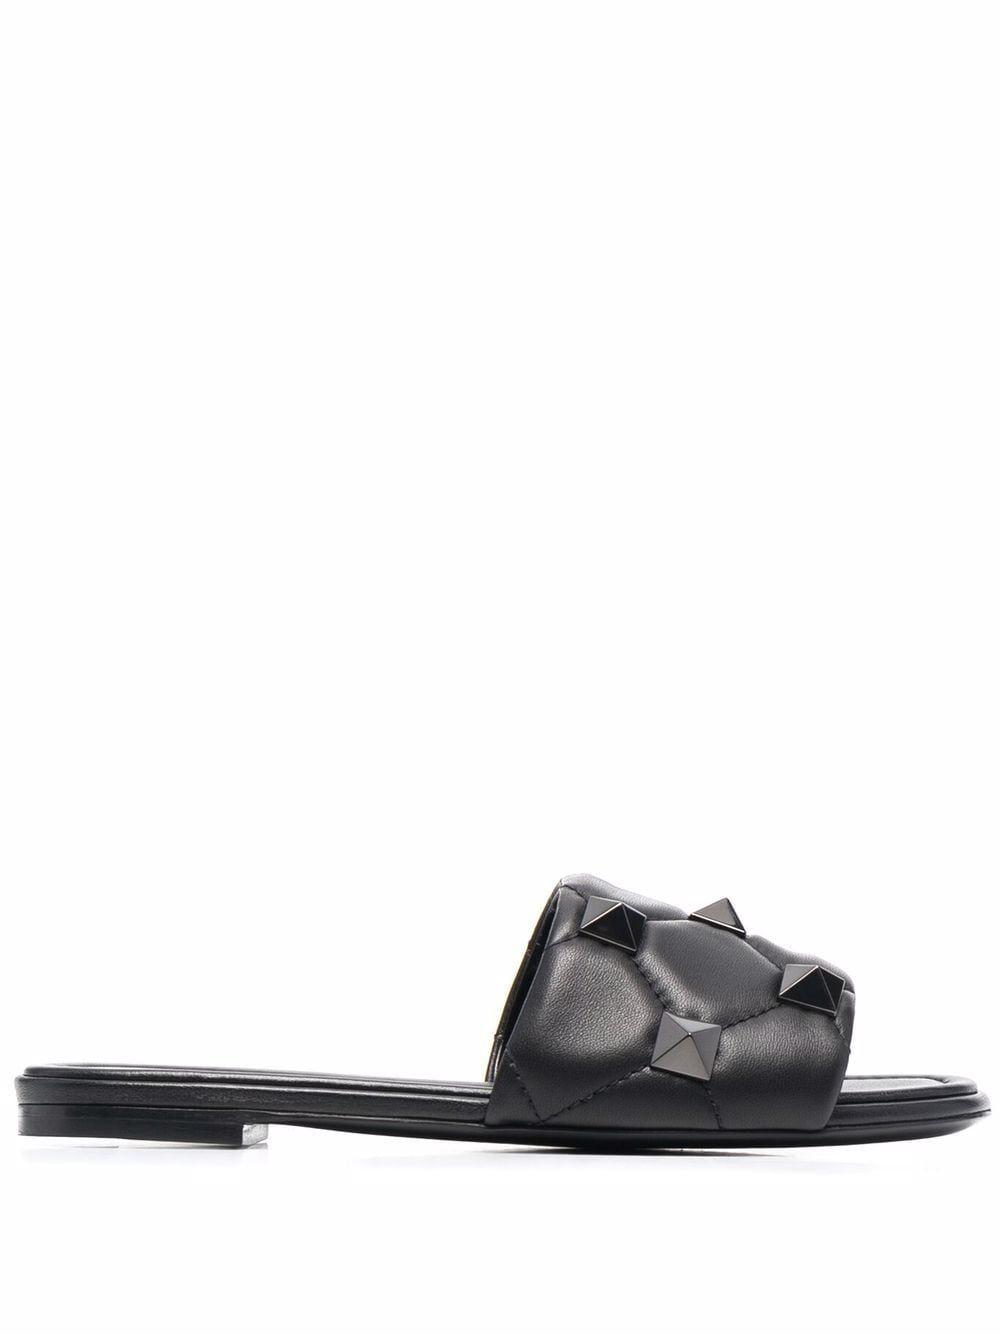 Sandalo roman stud in pelle